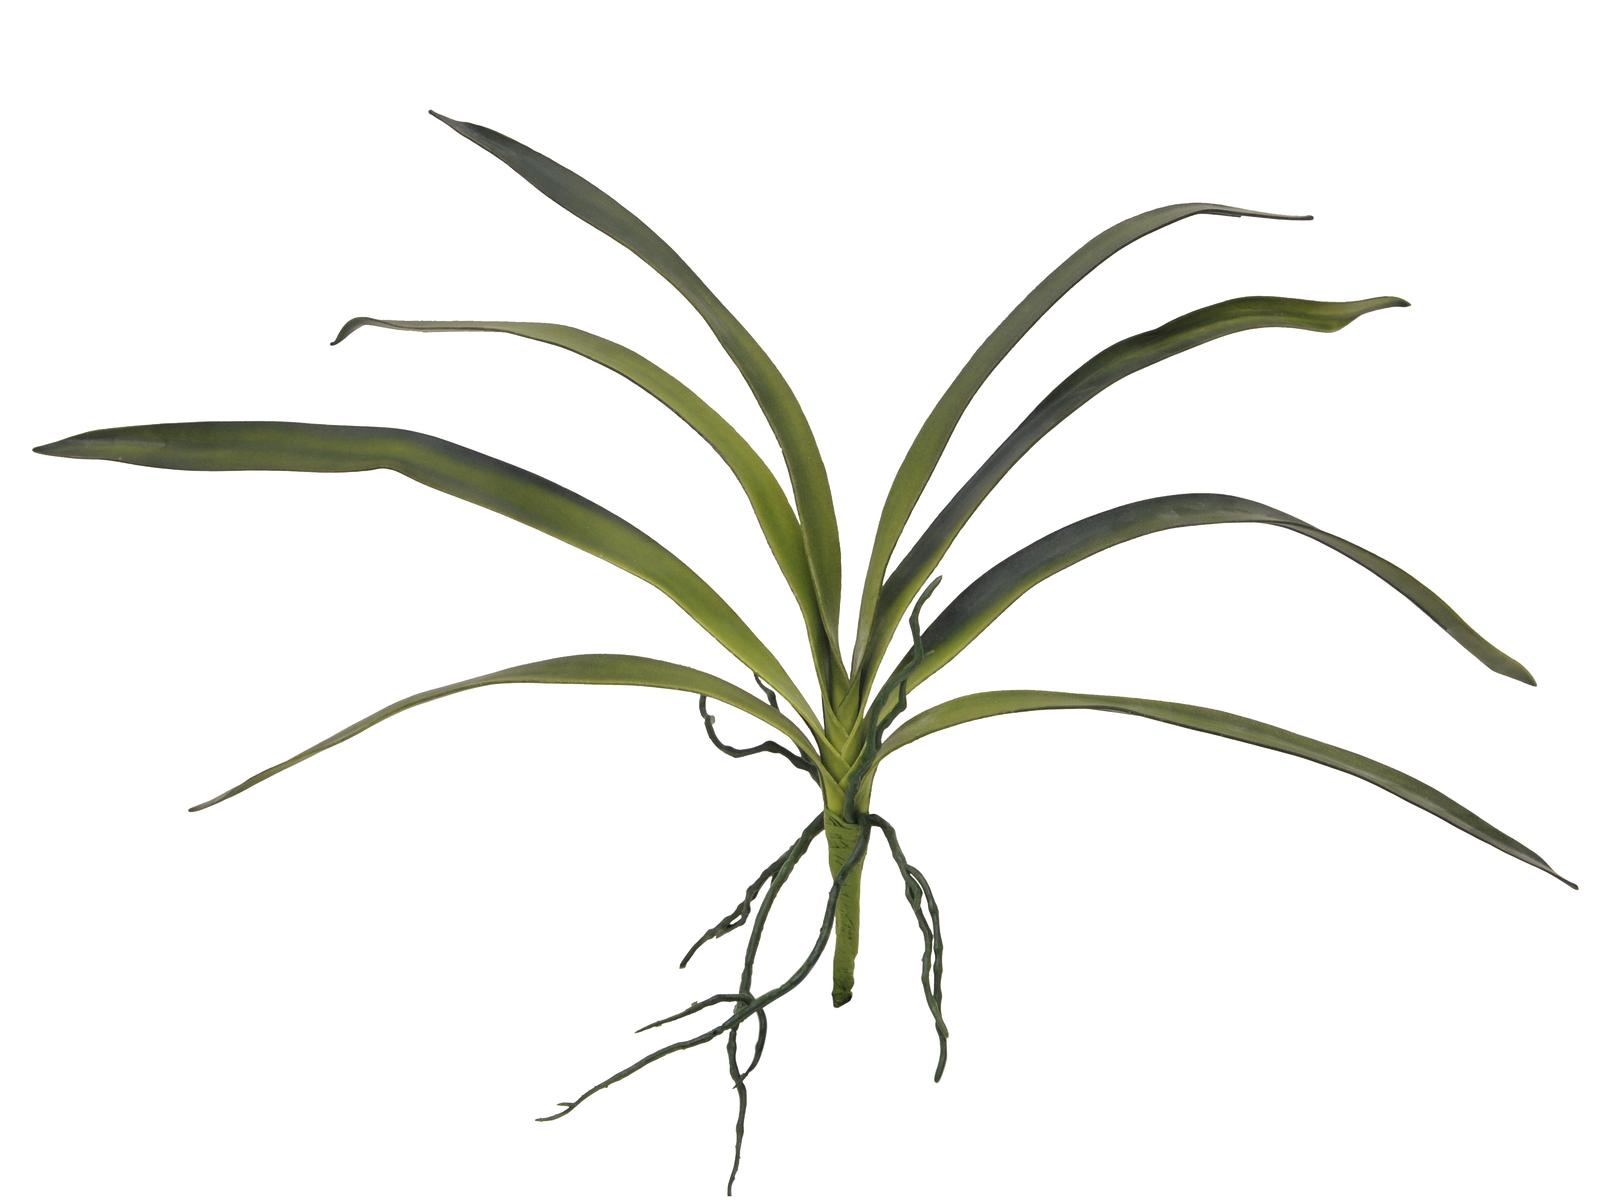 Billede af Kunstig Orkidé Blade, Grøn, 45cm